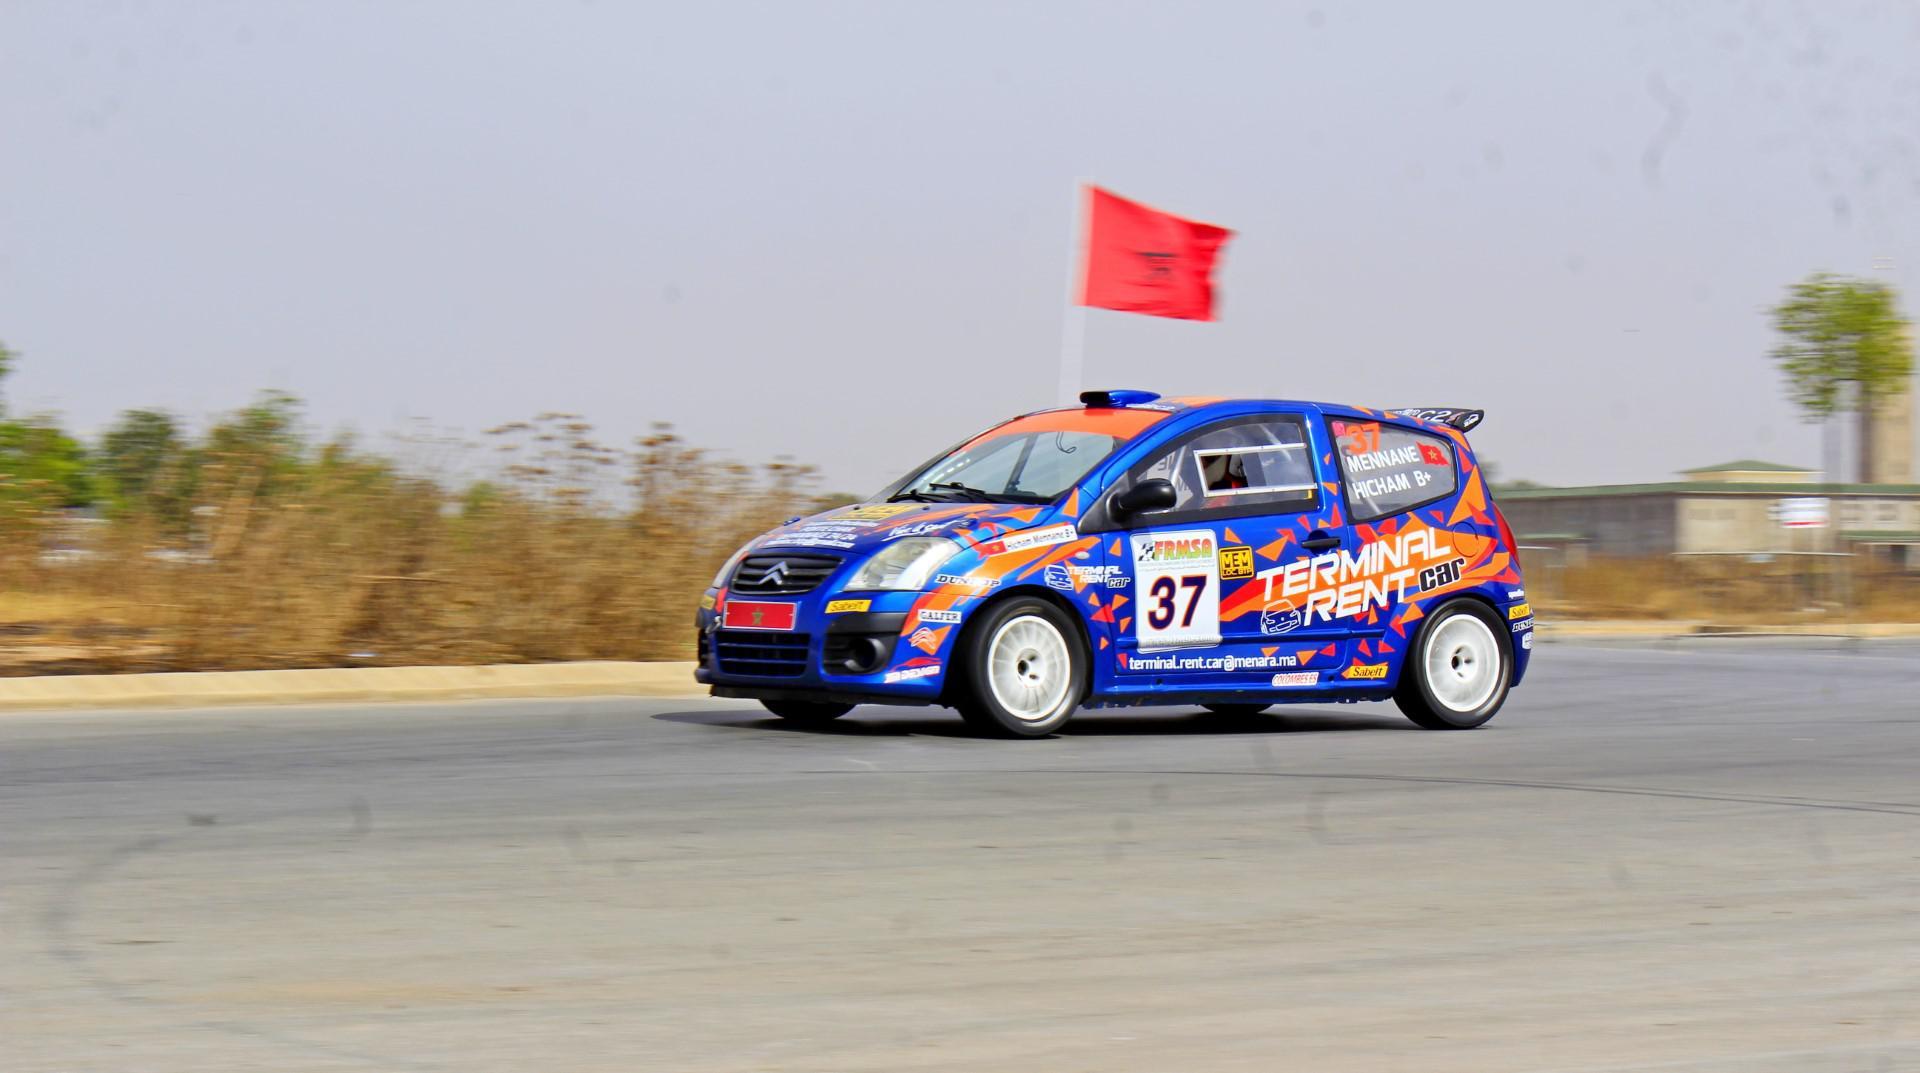 2eme-manche-du-championnat-du-maroc-des-circuits-845-2.jpg